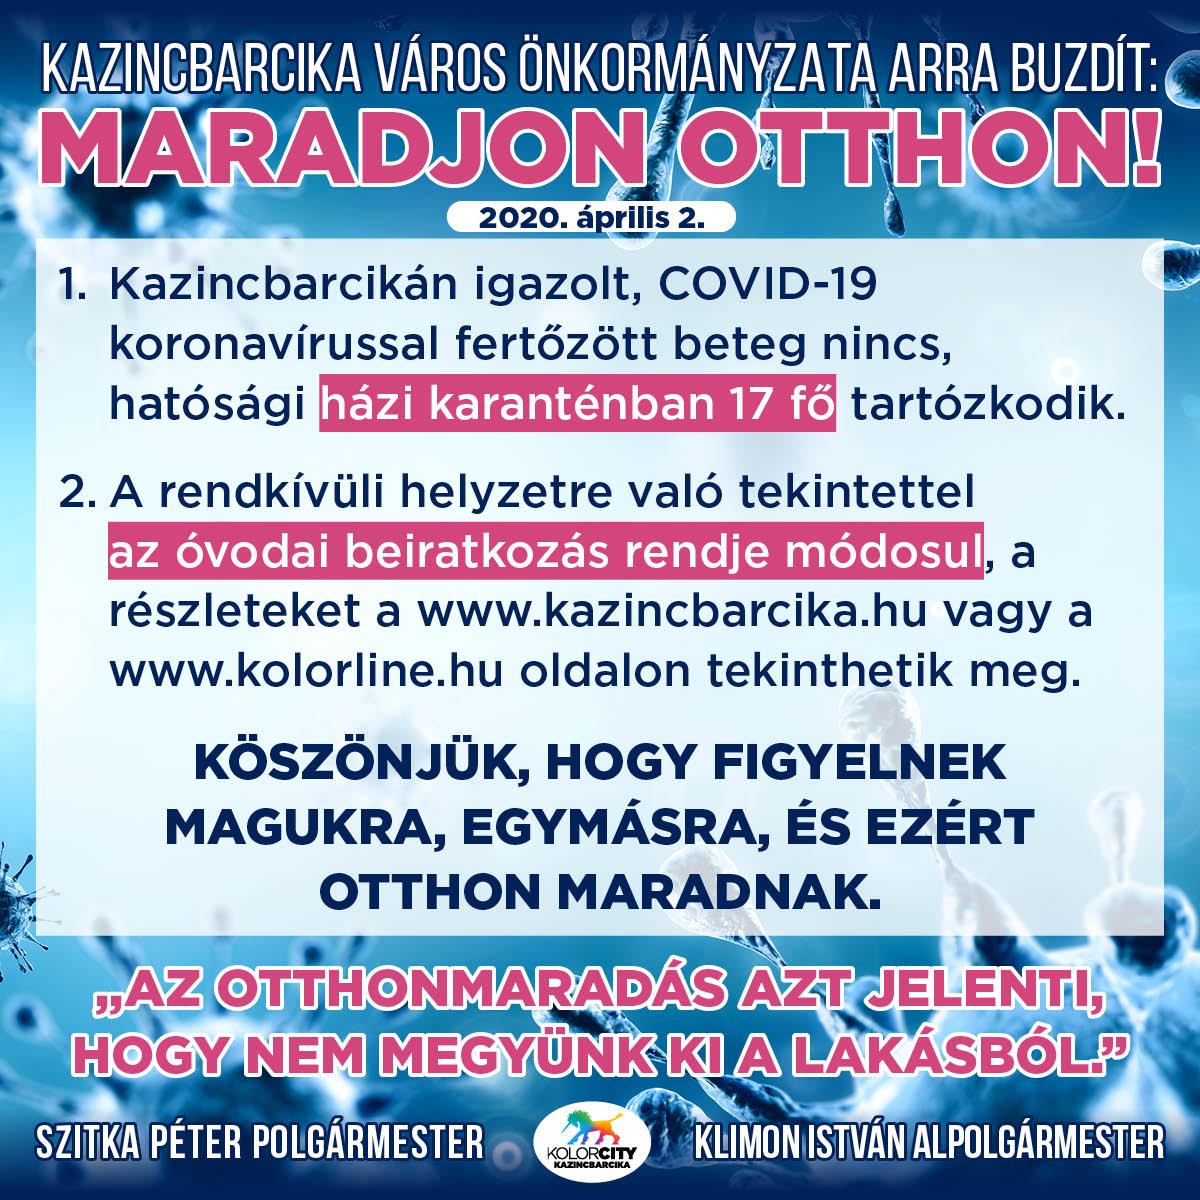 https://kolorline.hu/Kazincbarcika Város Önkormányzata arra buzdít: Maradj otthon! – 2020. április 2.